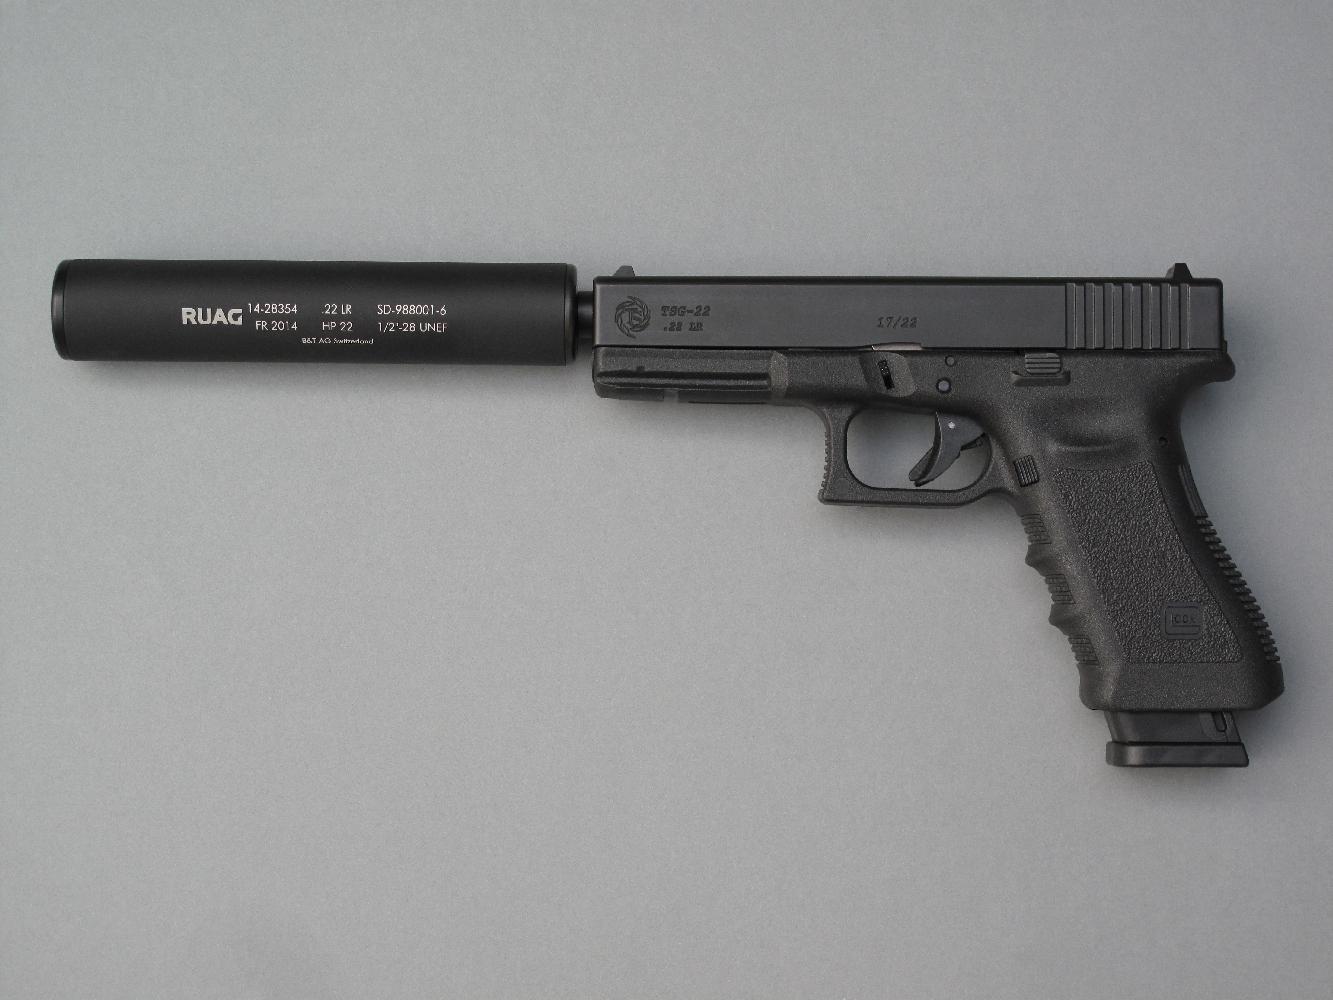 La conversion Tactical Solutions peut être acquise seule (pour les possesseurs d'un pistolet Glock) ou sous la forme d'une arme complète. Dans les deux cas, l'utilisateur a le choix entre le canon standard ou le canon fileté permettant l'utilisation d'un silencieux.